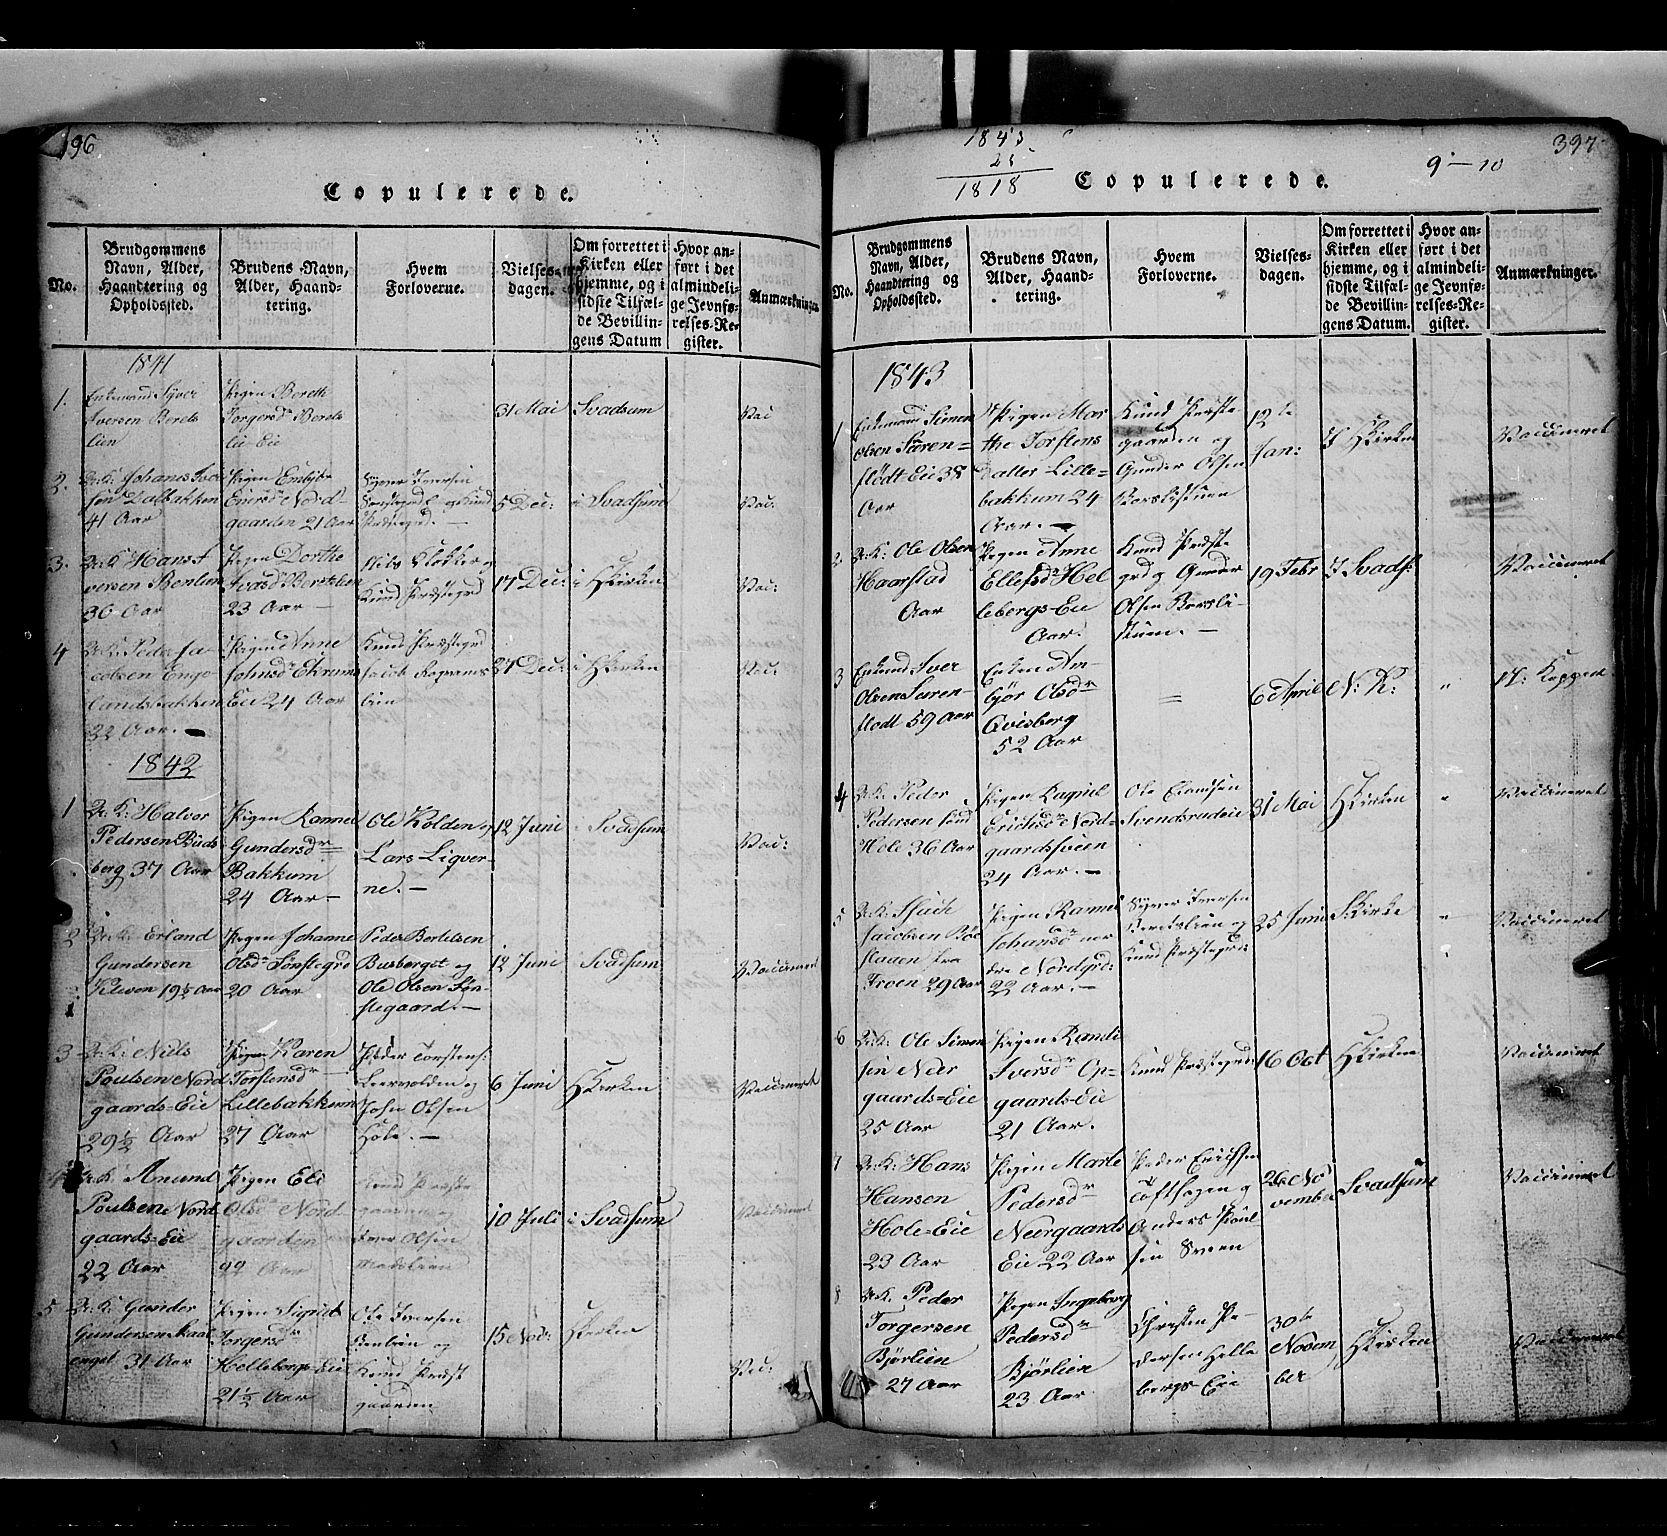 SAH, Gausdal prestekontor, Klokkerbok nr. 2, 1818-1874, s. 396-397